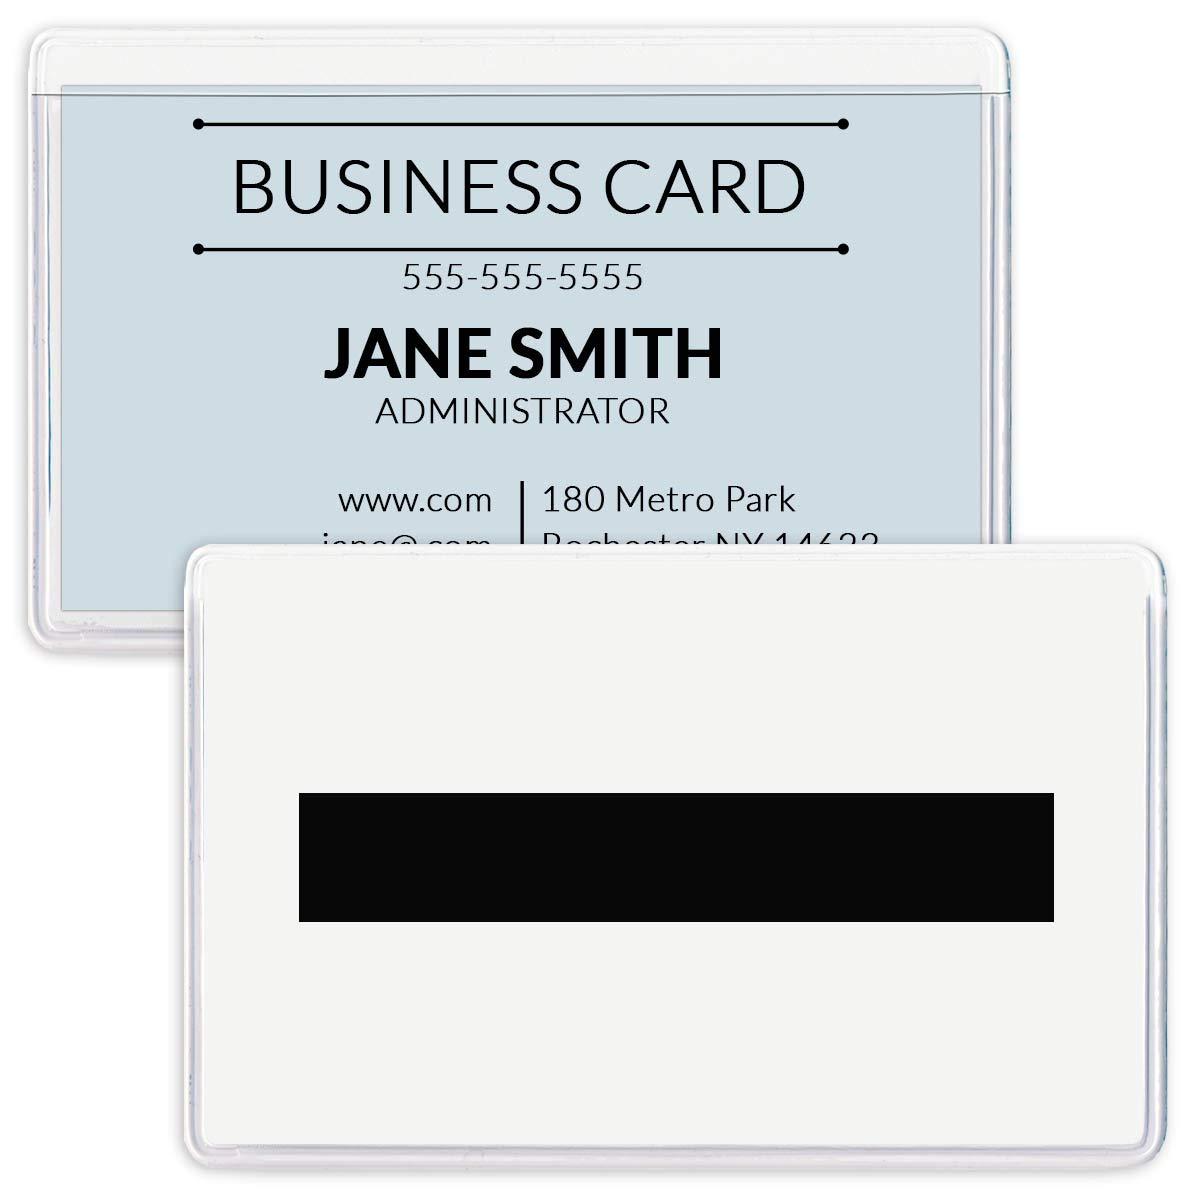 StoreSMART - Magnetic Business Card Holder - 2'' x 3 1/4'' - Vinyl Plastic - Open Long-White Back - 100 Pack - PE222MLW-100